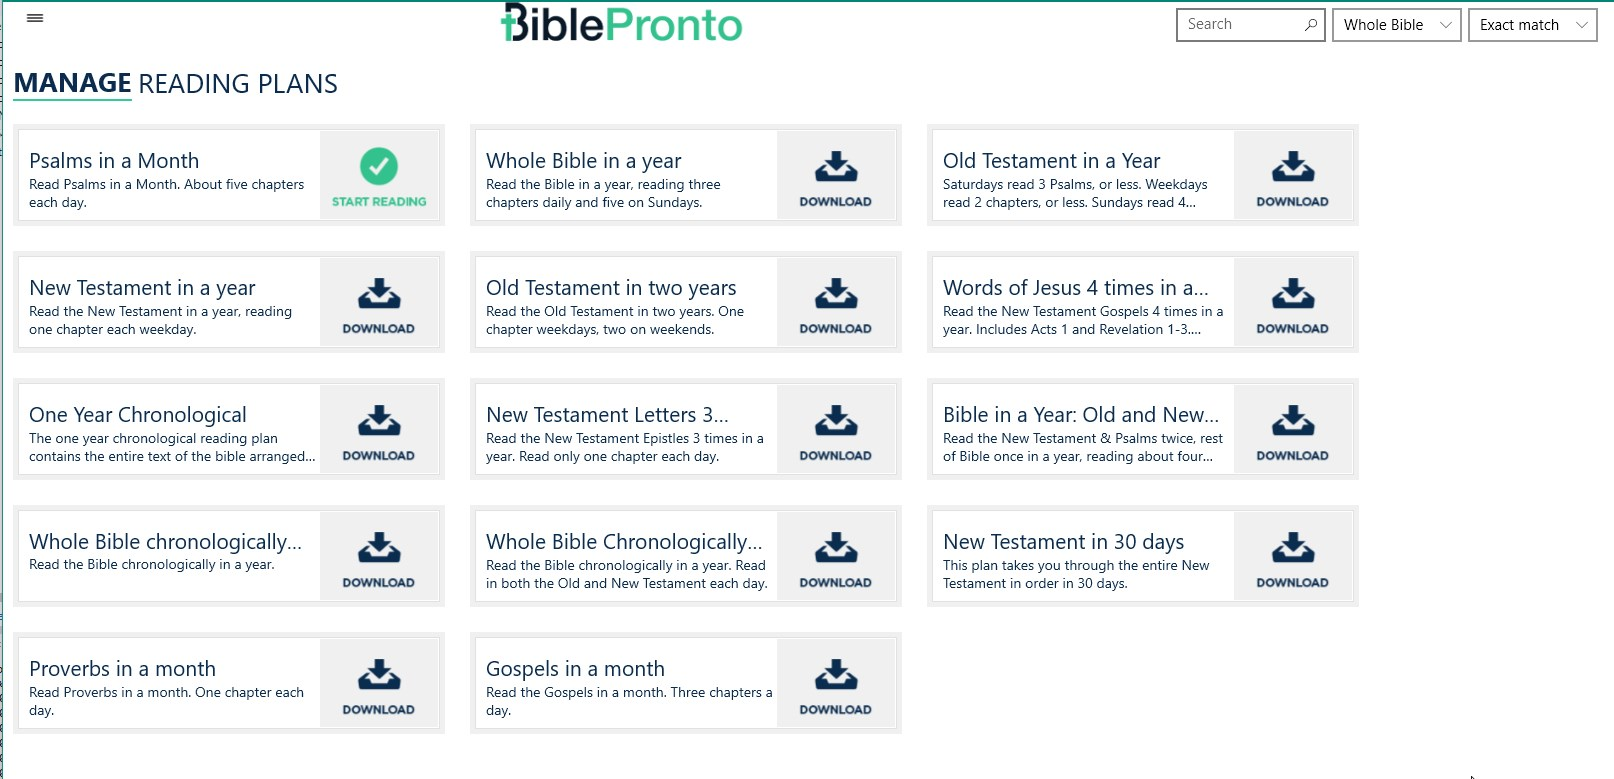 Bible Pronto